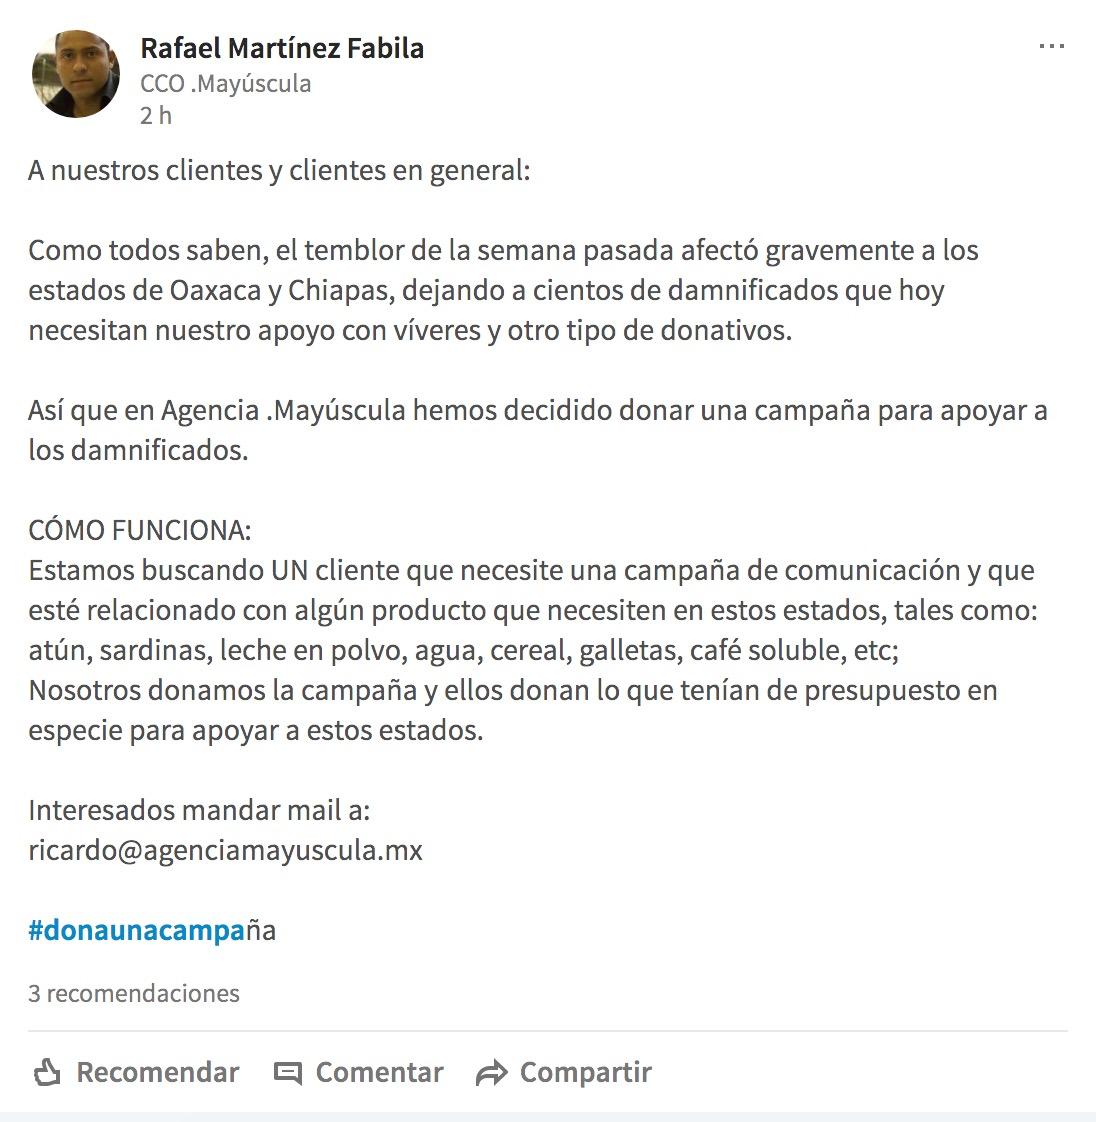 Esta agencia mexicana donará una campaña para ayudar a los damnificados del sismo